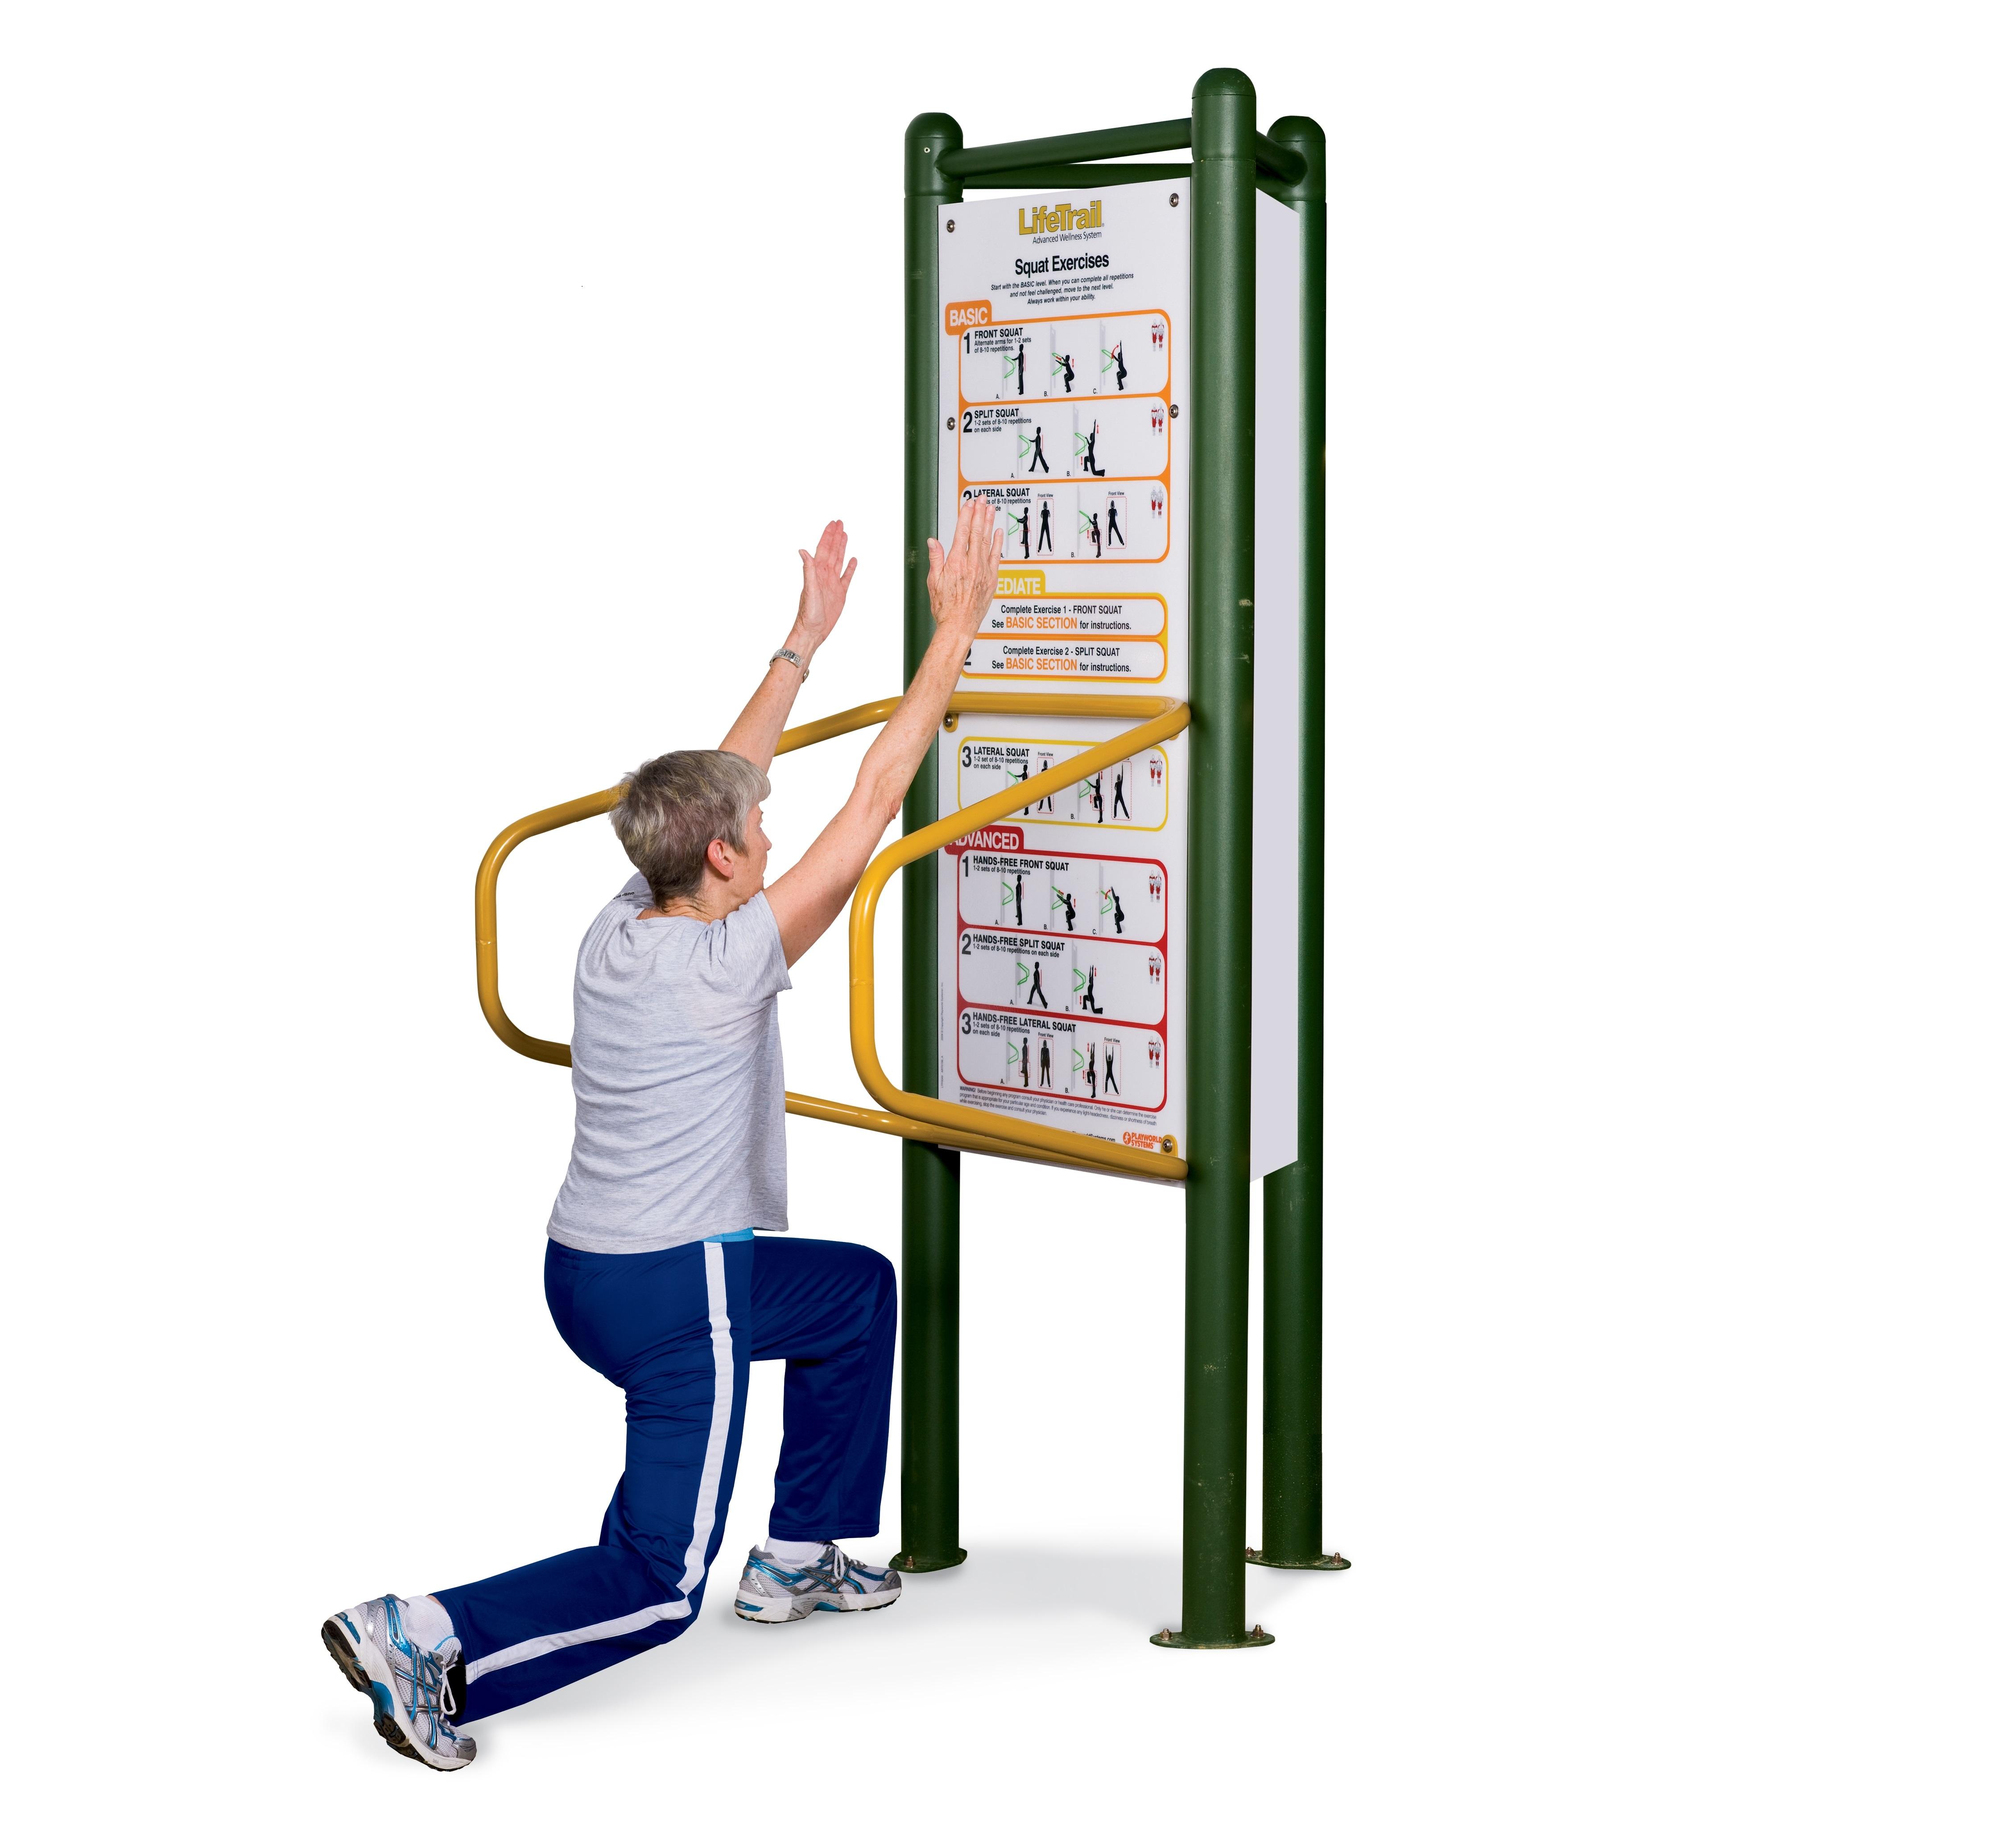 Exercices de flexion des jambes